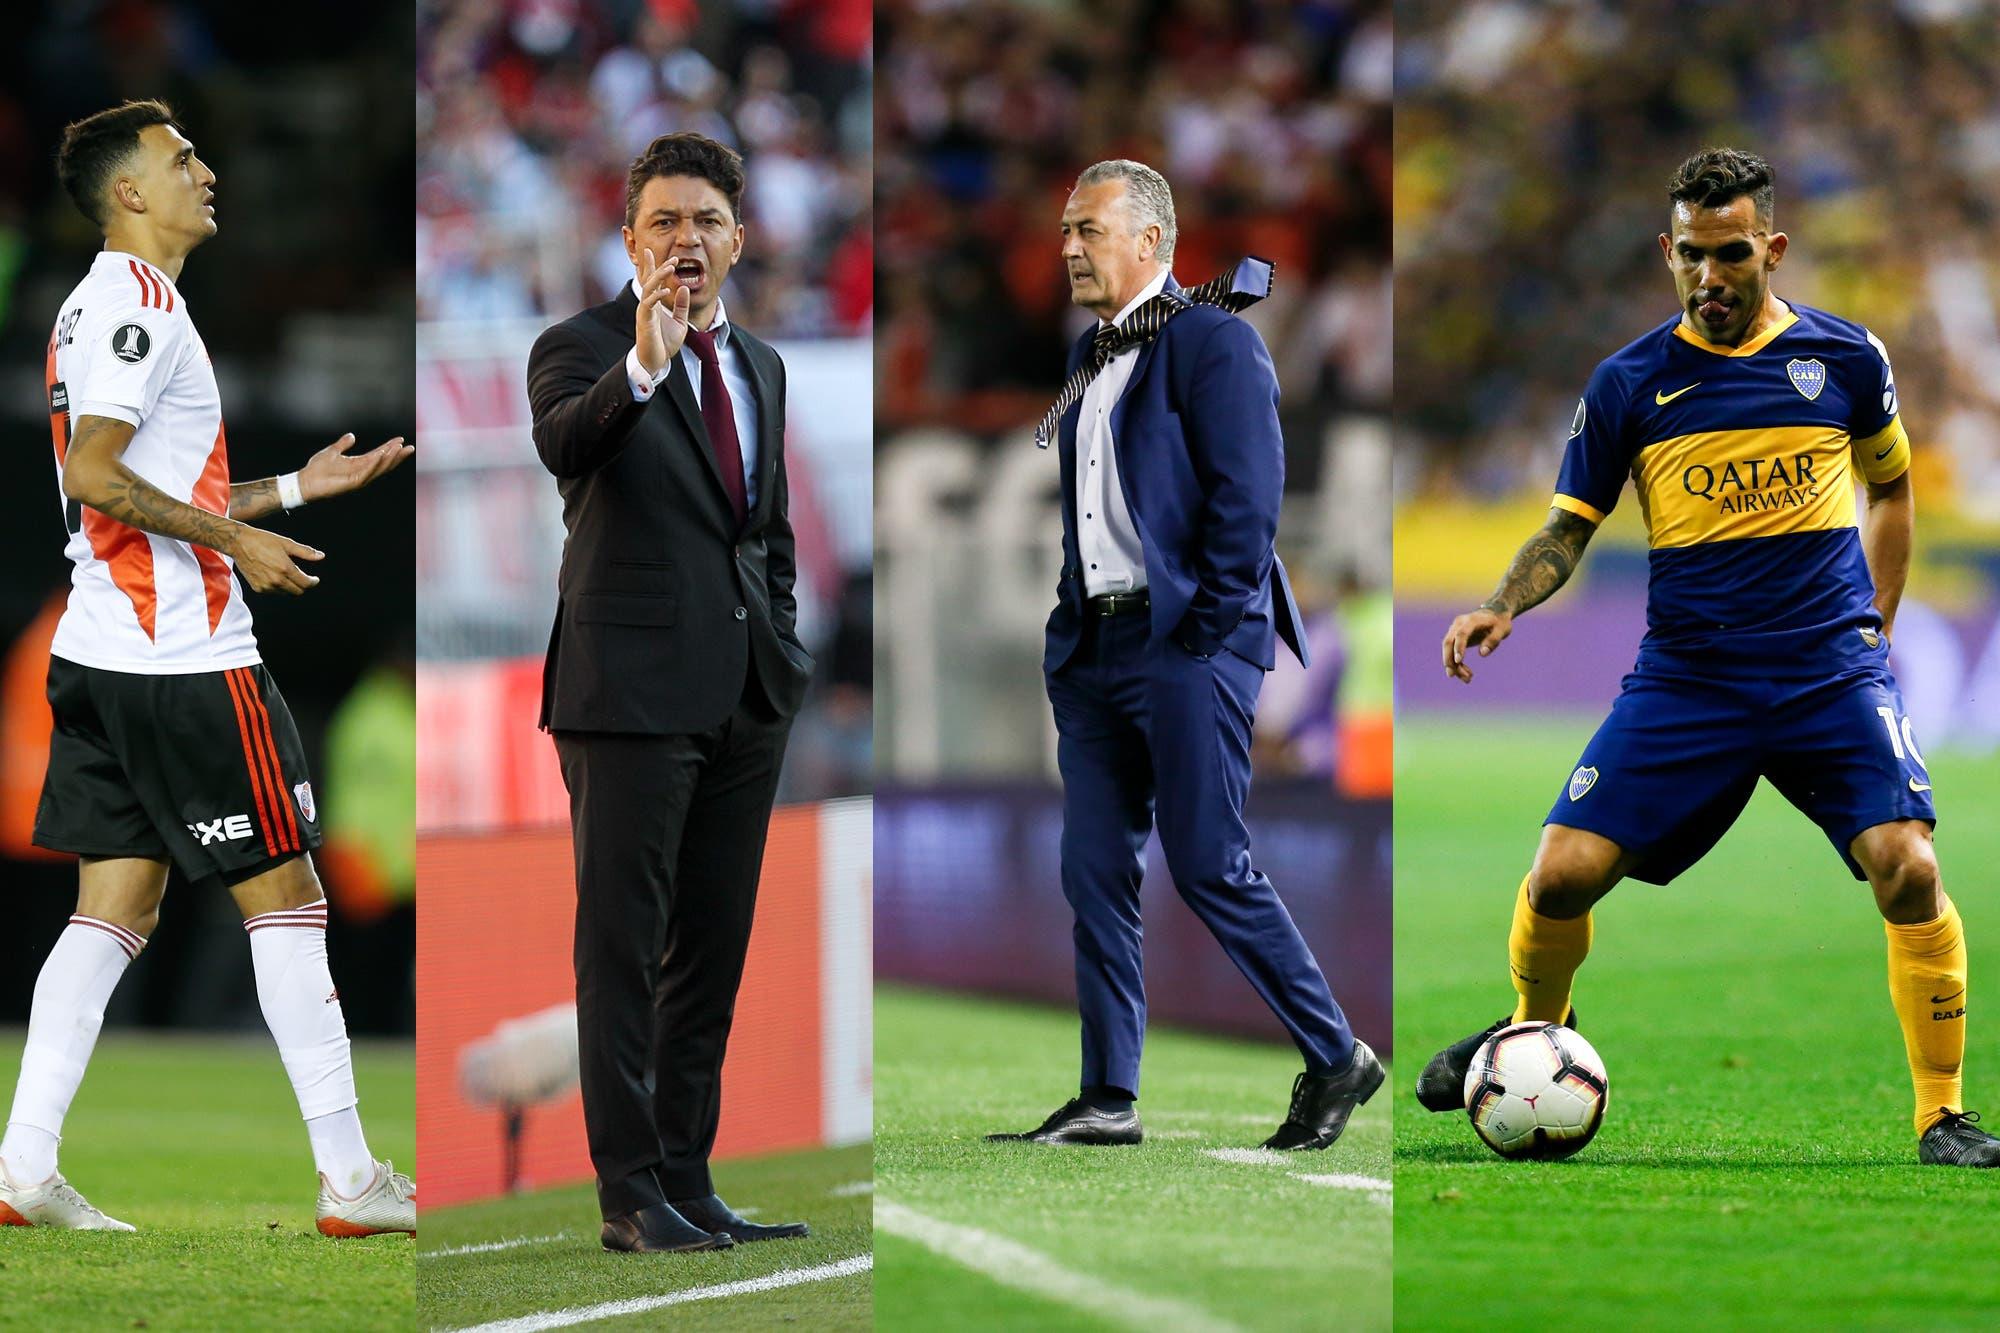 Copa Libertadores: Boca, River, una hazaña, un candidato y cuatro nombres decisivos